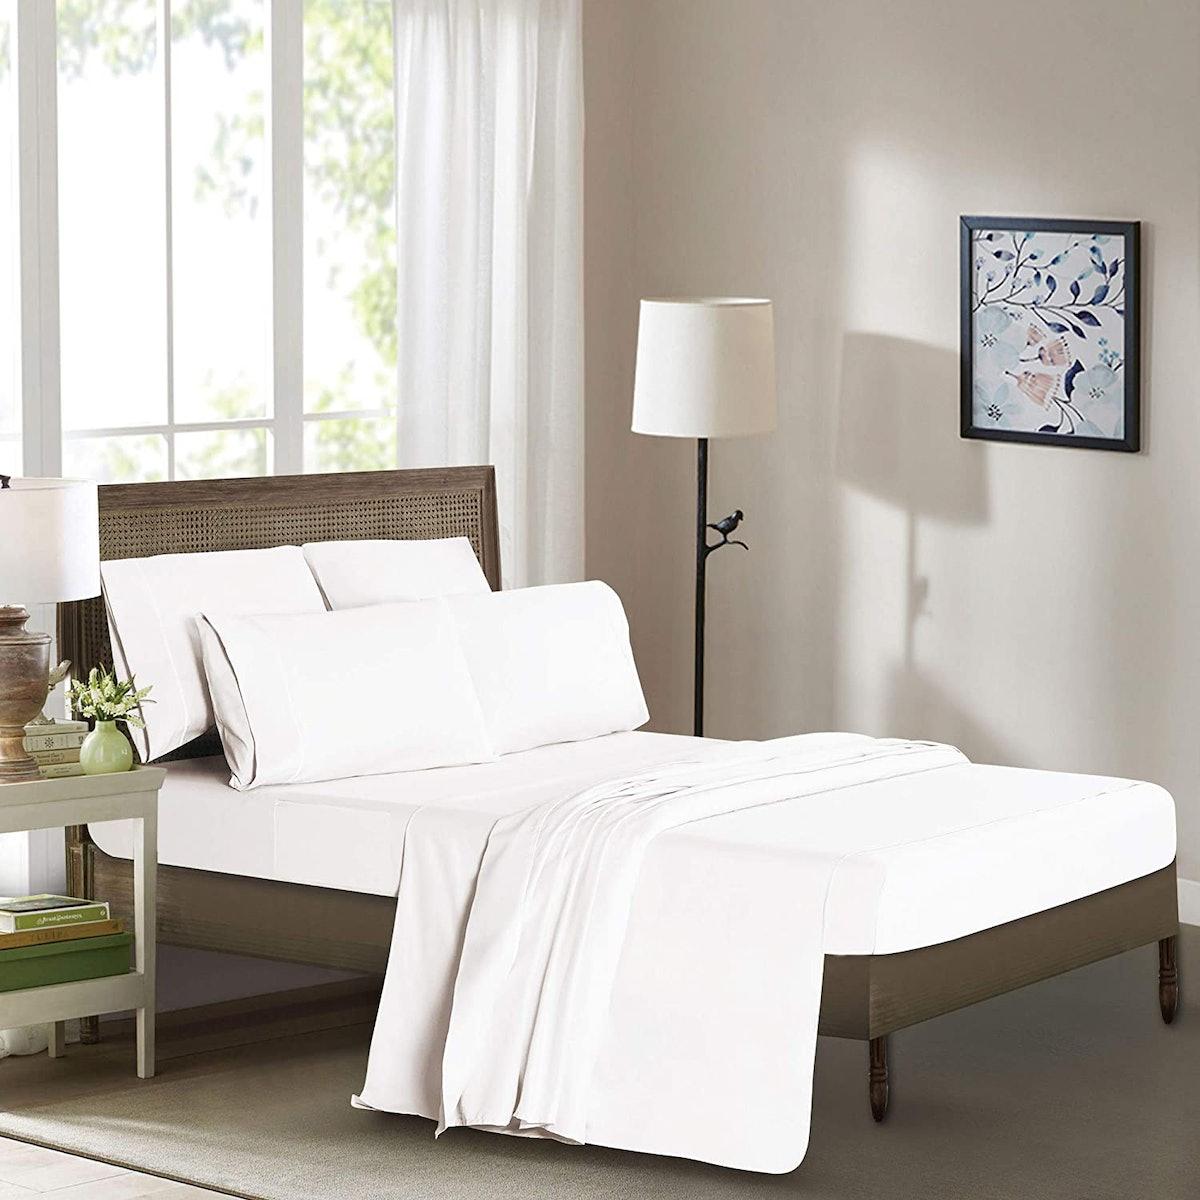 Mueller Ultratemp Queen-Size Bed Sheets